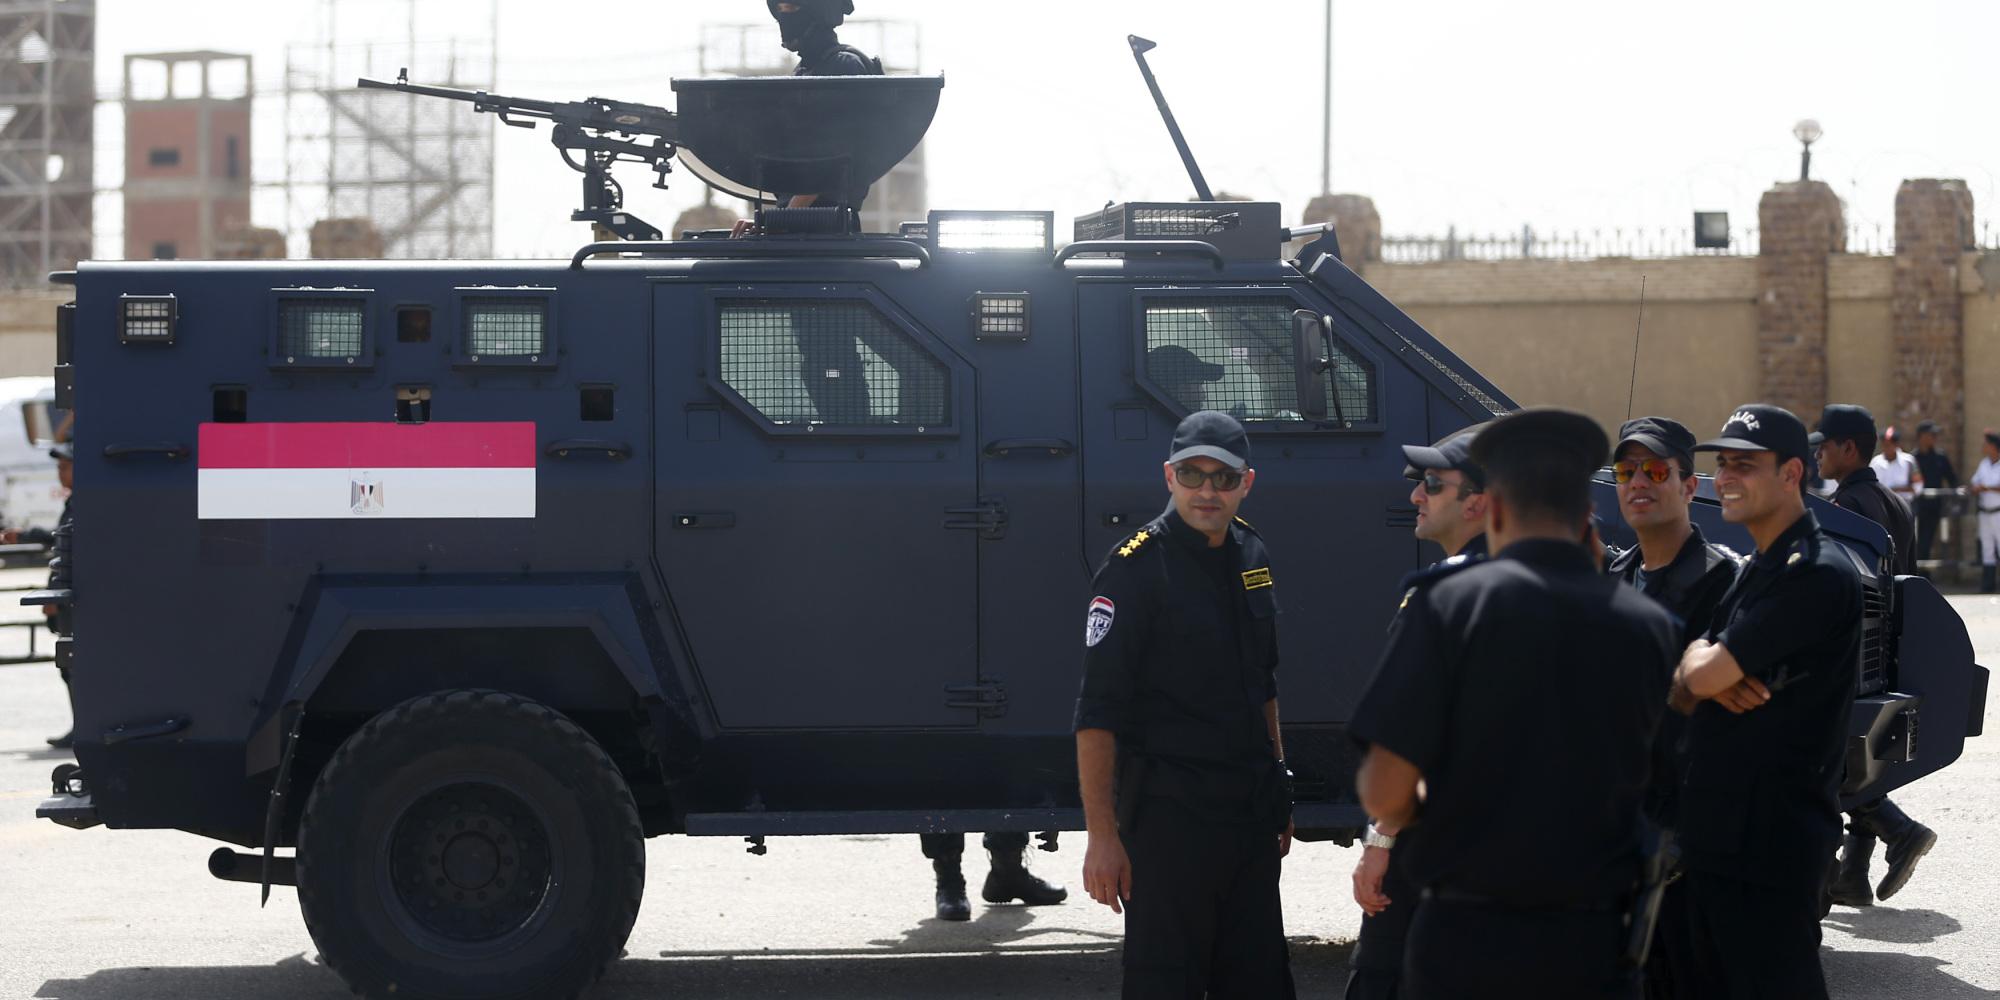 الشرطة المصرية تقتل 8 من الإخوان المسلمين في صحراء الصعيد.. قالت إنهم سعوا لتنفيذ هذا المخطط